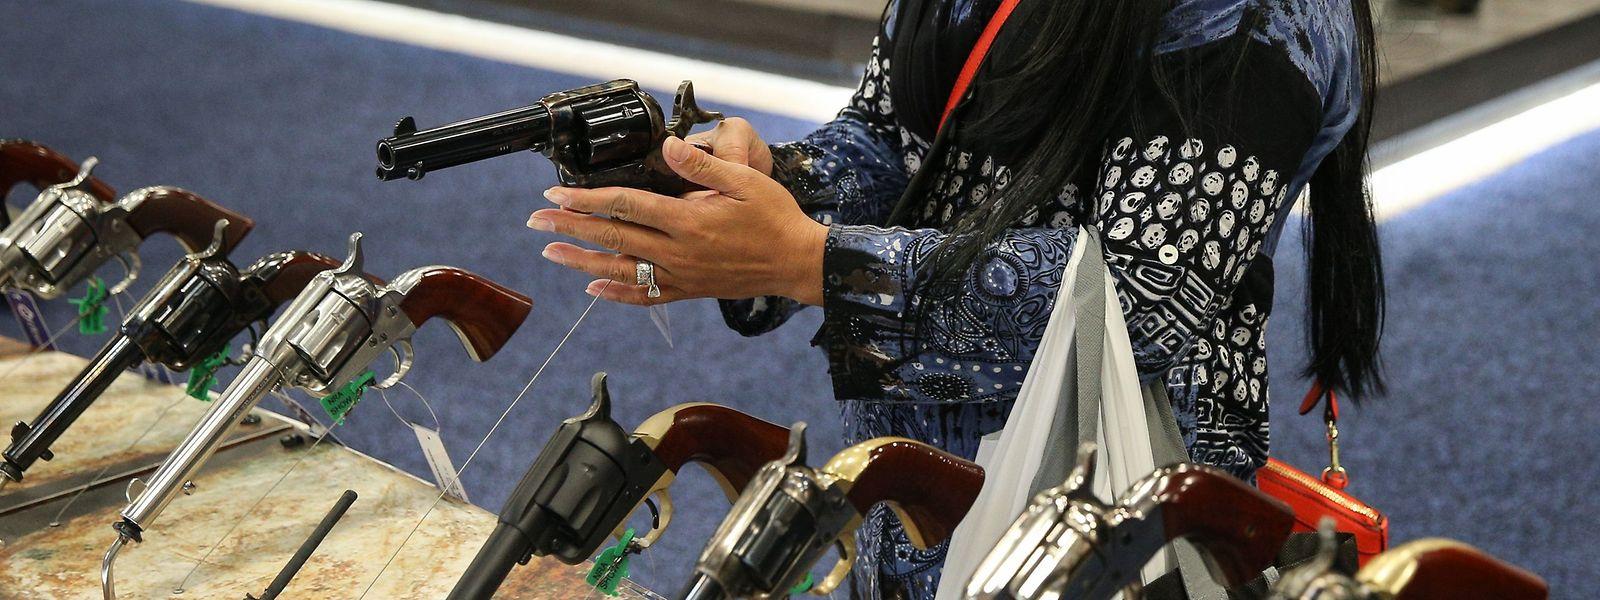 Die US-Waffenlobby NRA wird von den Rechten geliebt und den Linken gehasst.